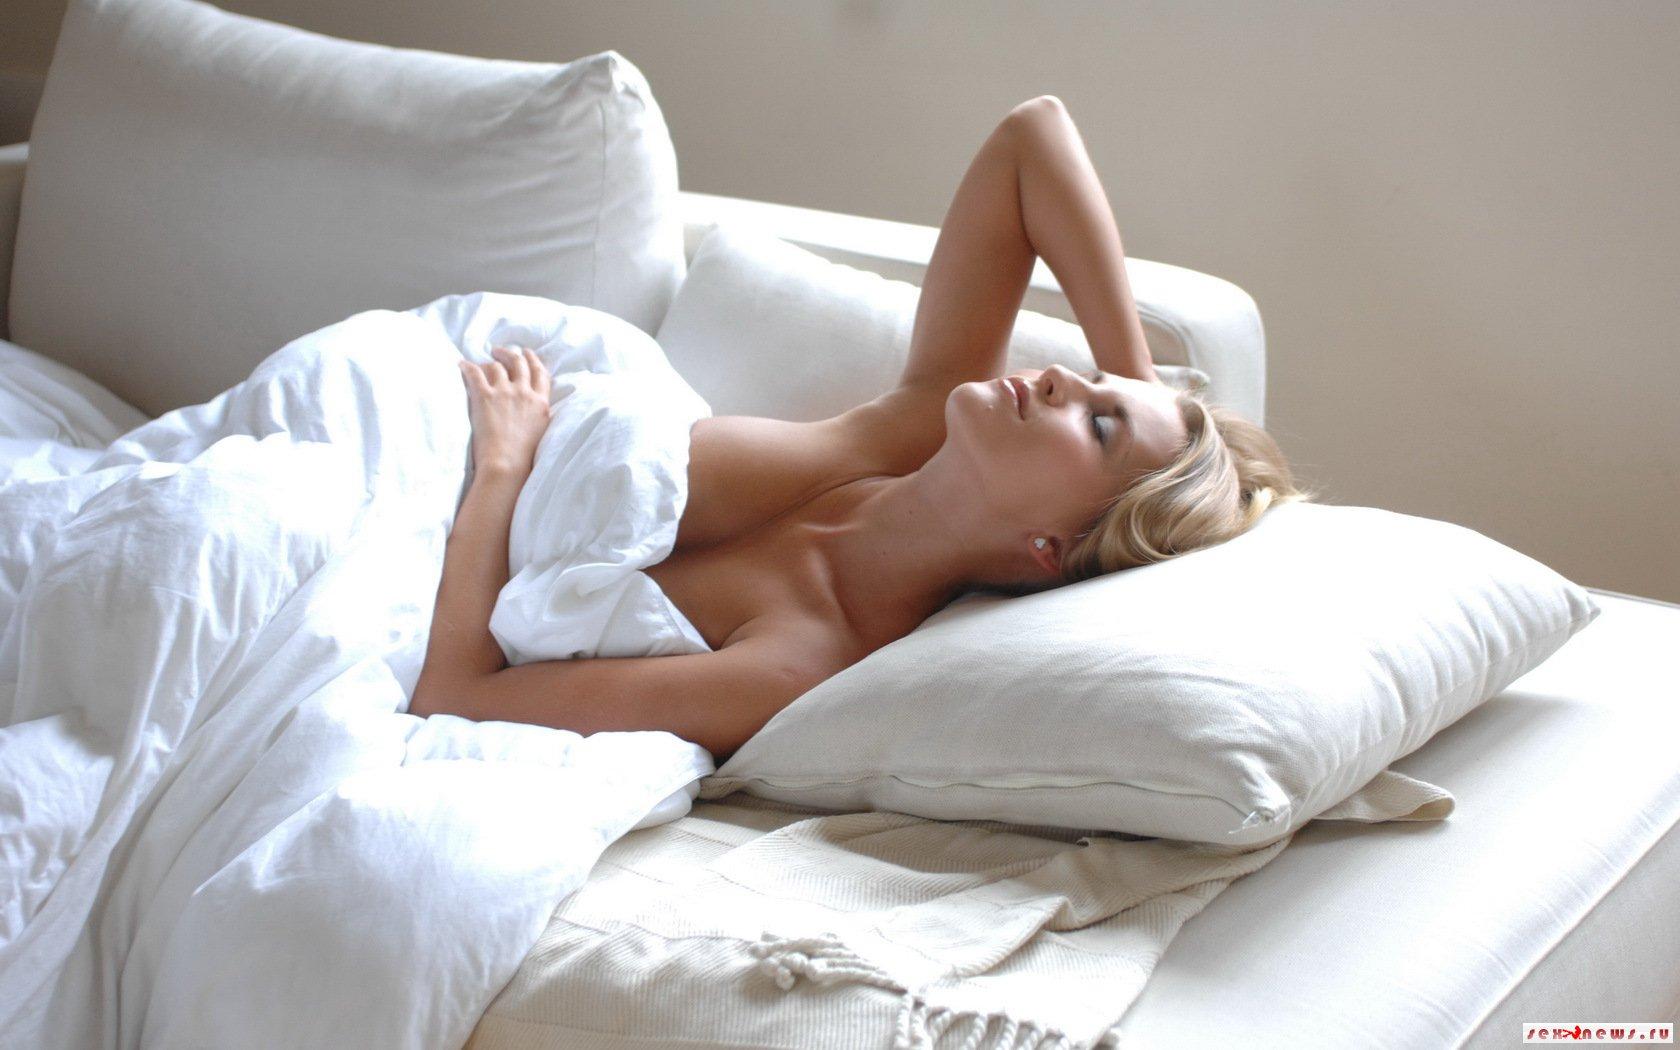 Лето, страсть, любовь, секс... » Sex-news.ru - Ежедневный секс ...